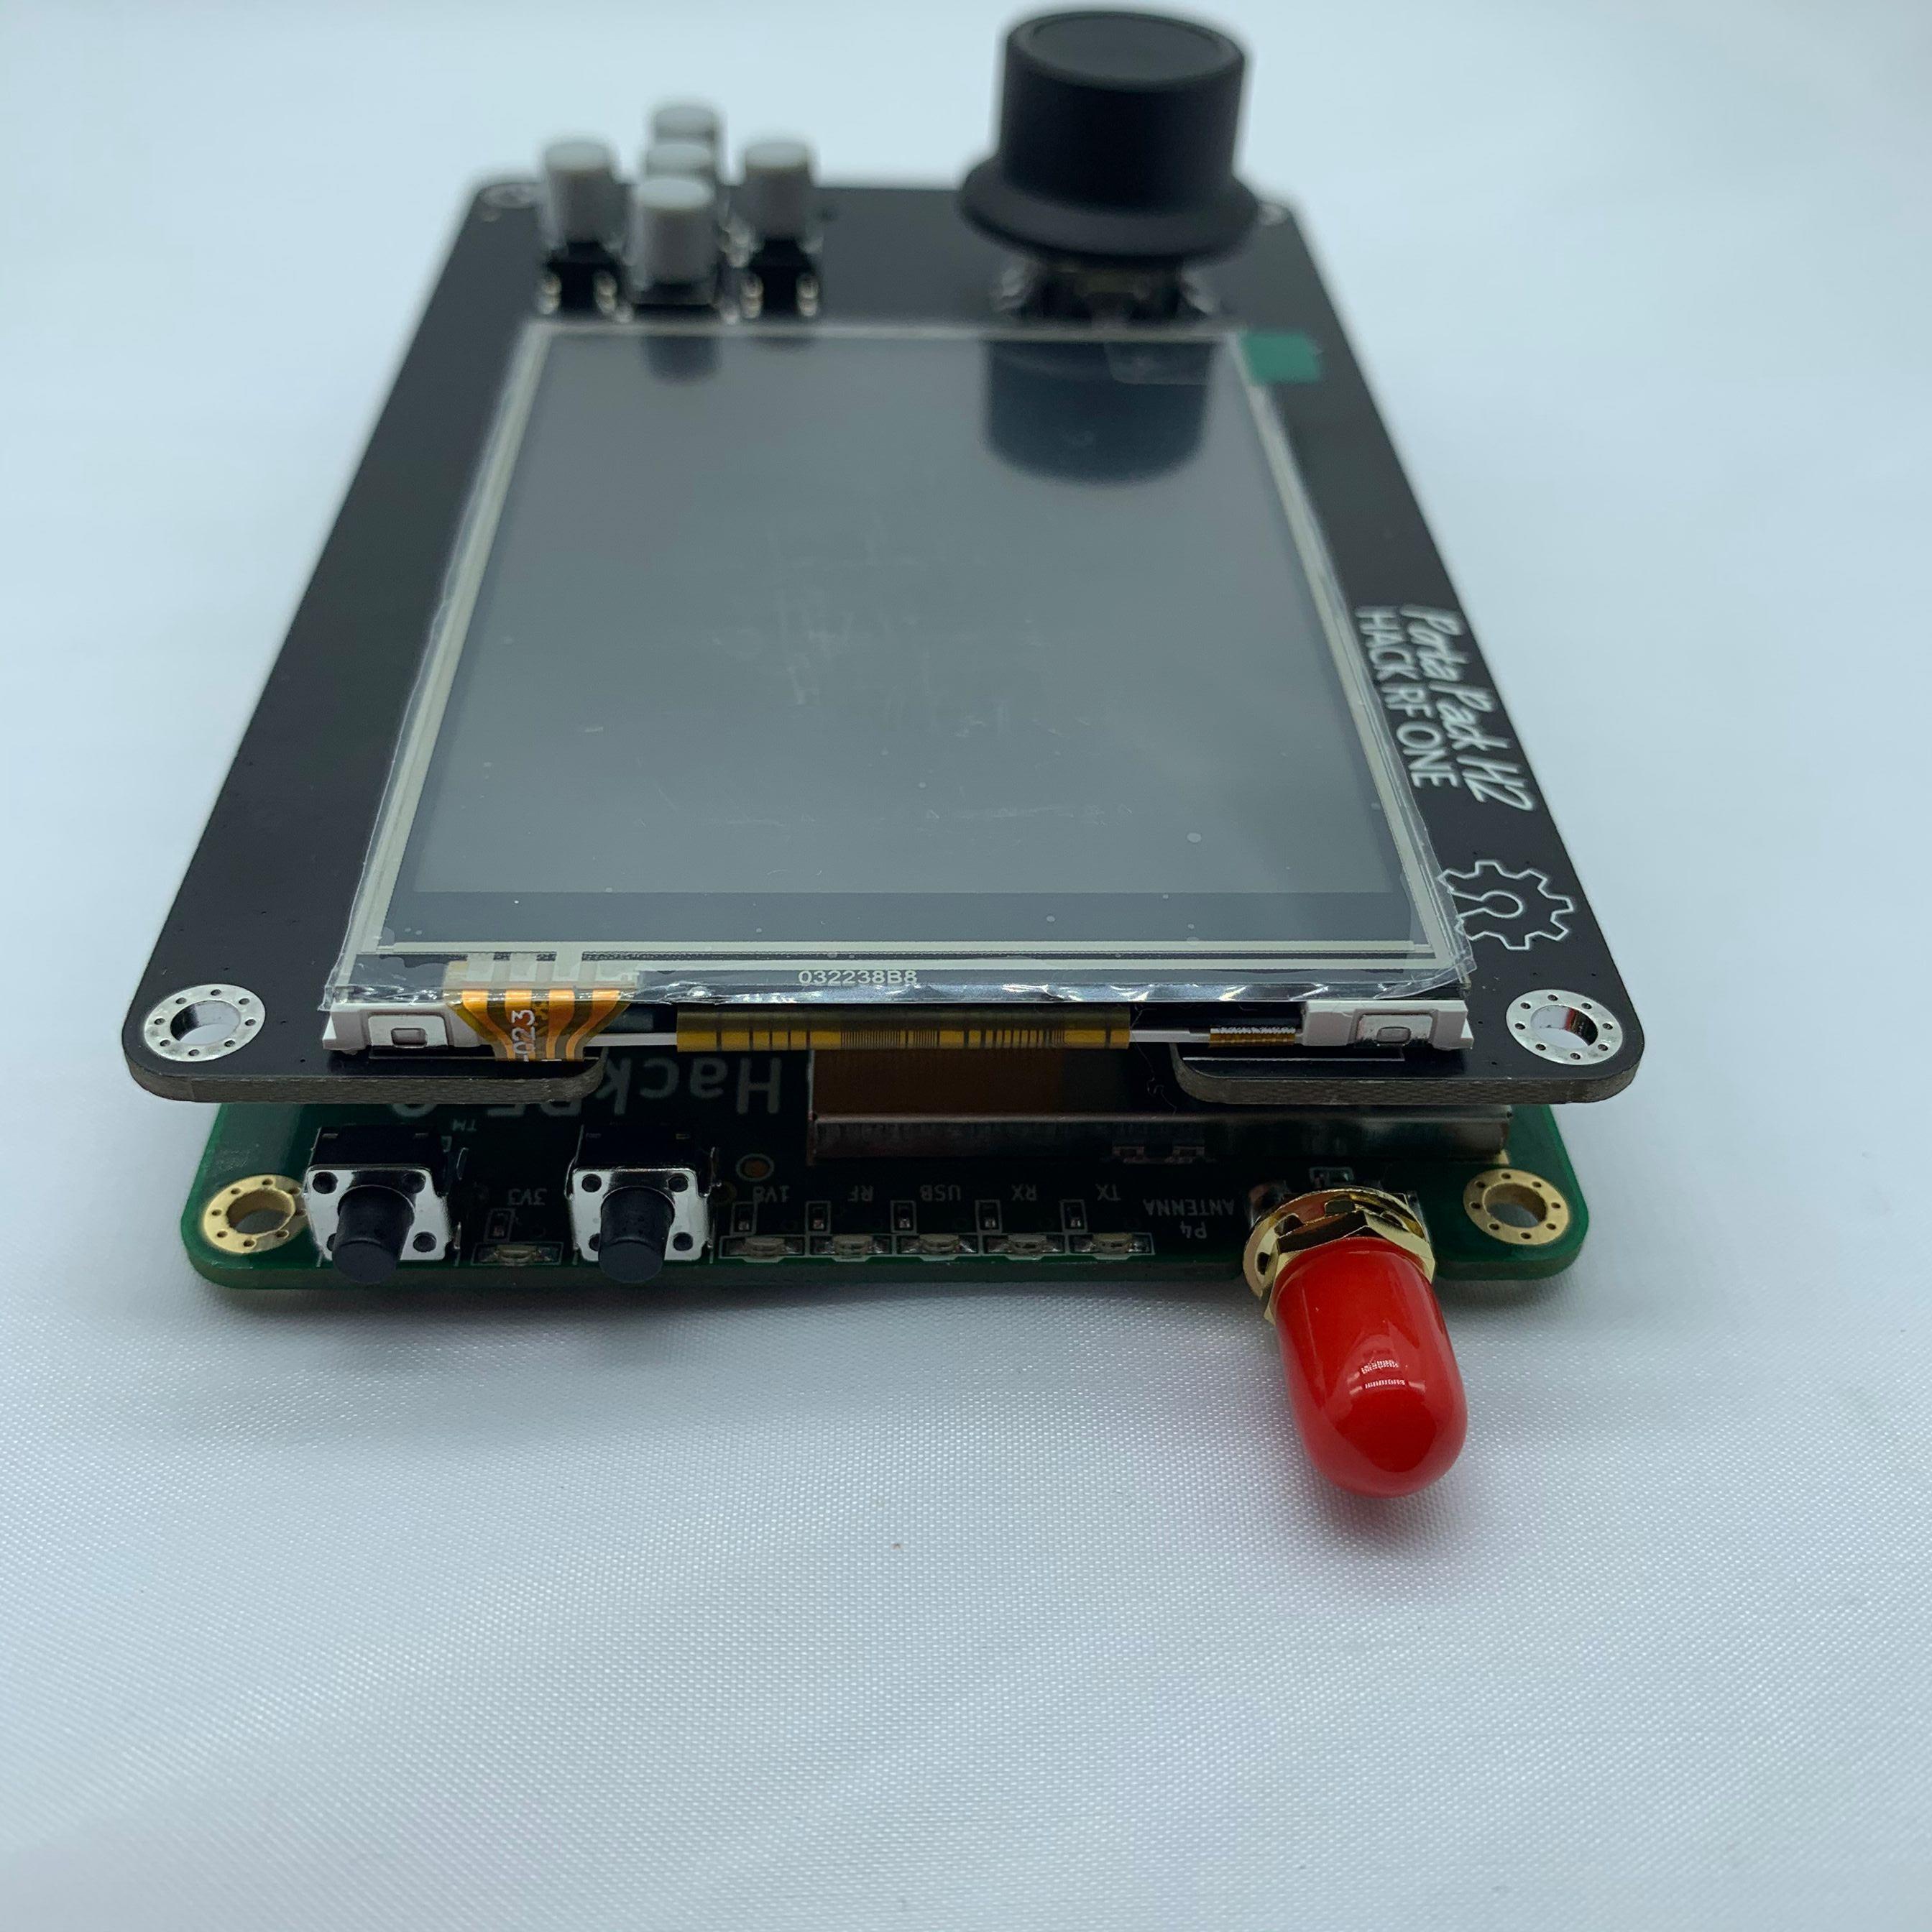 hackrf um rádio sdr + destruição firmware